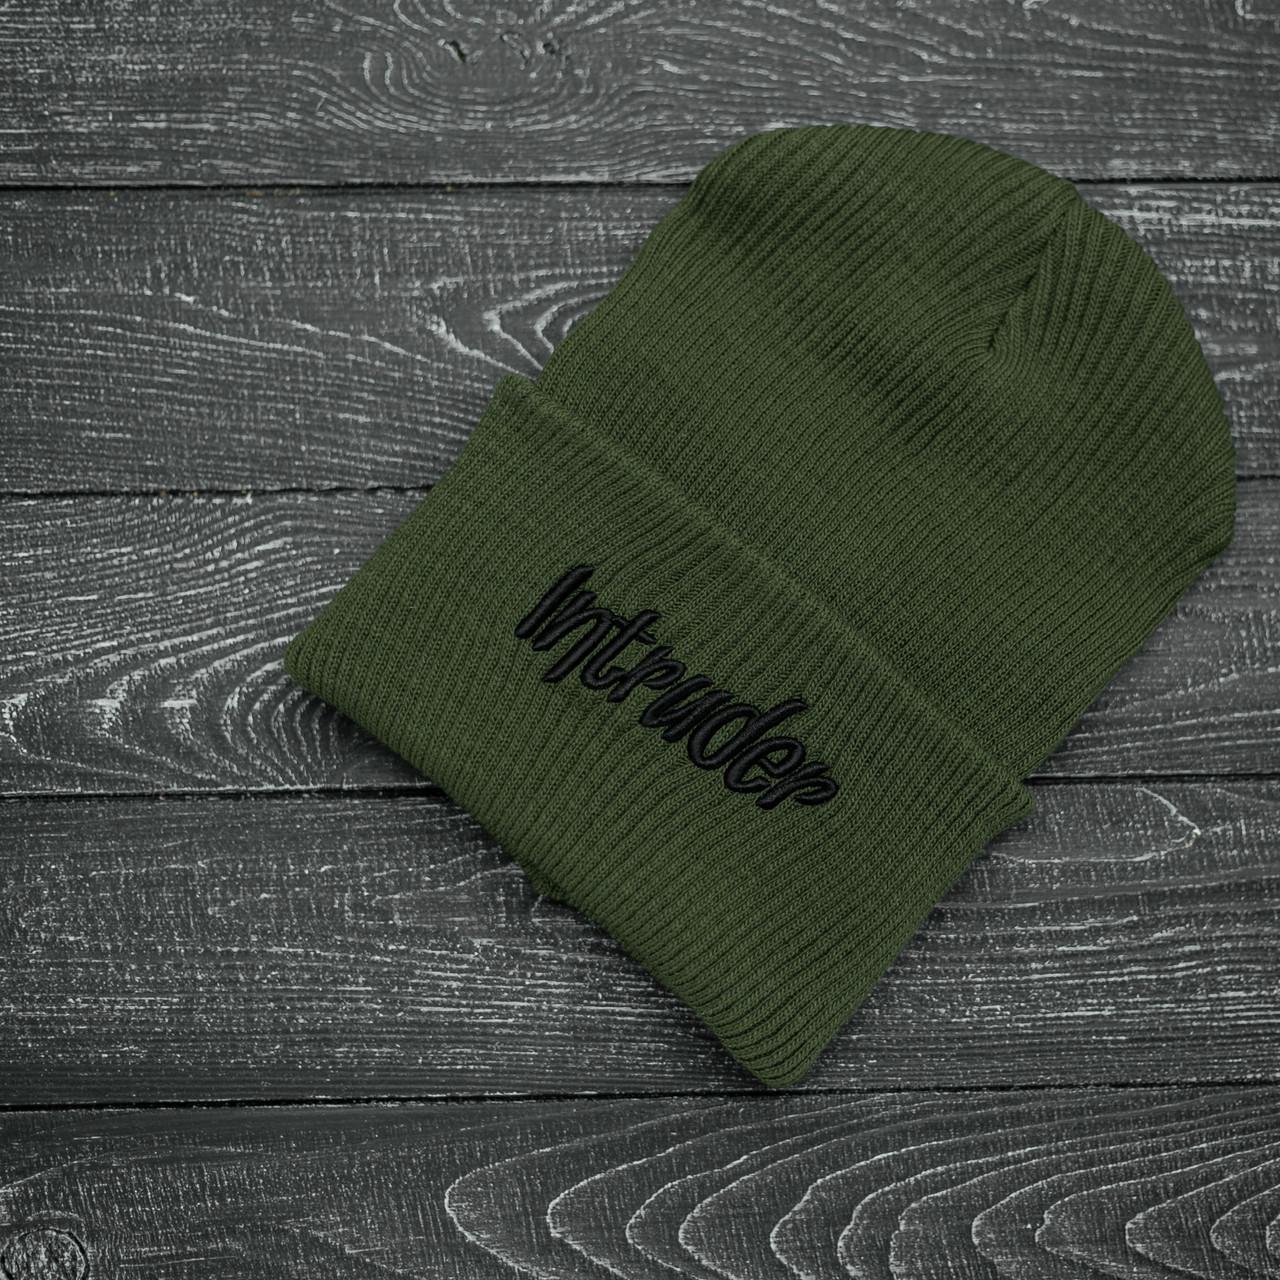 Мужская | Женская шапка Intruder зимняя big logo хаки Intruder